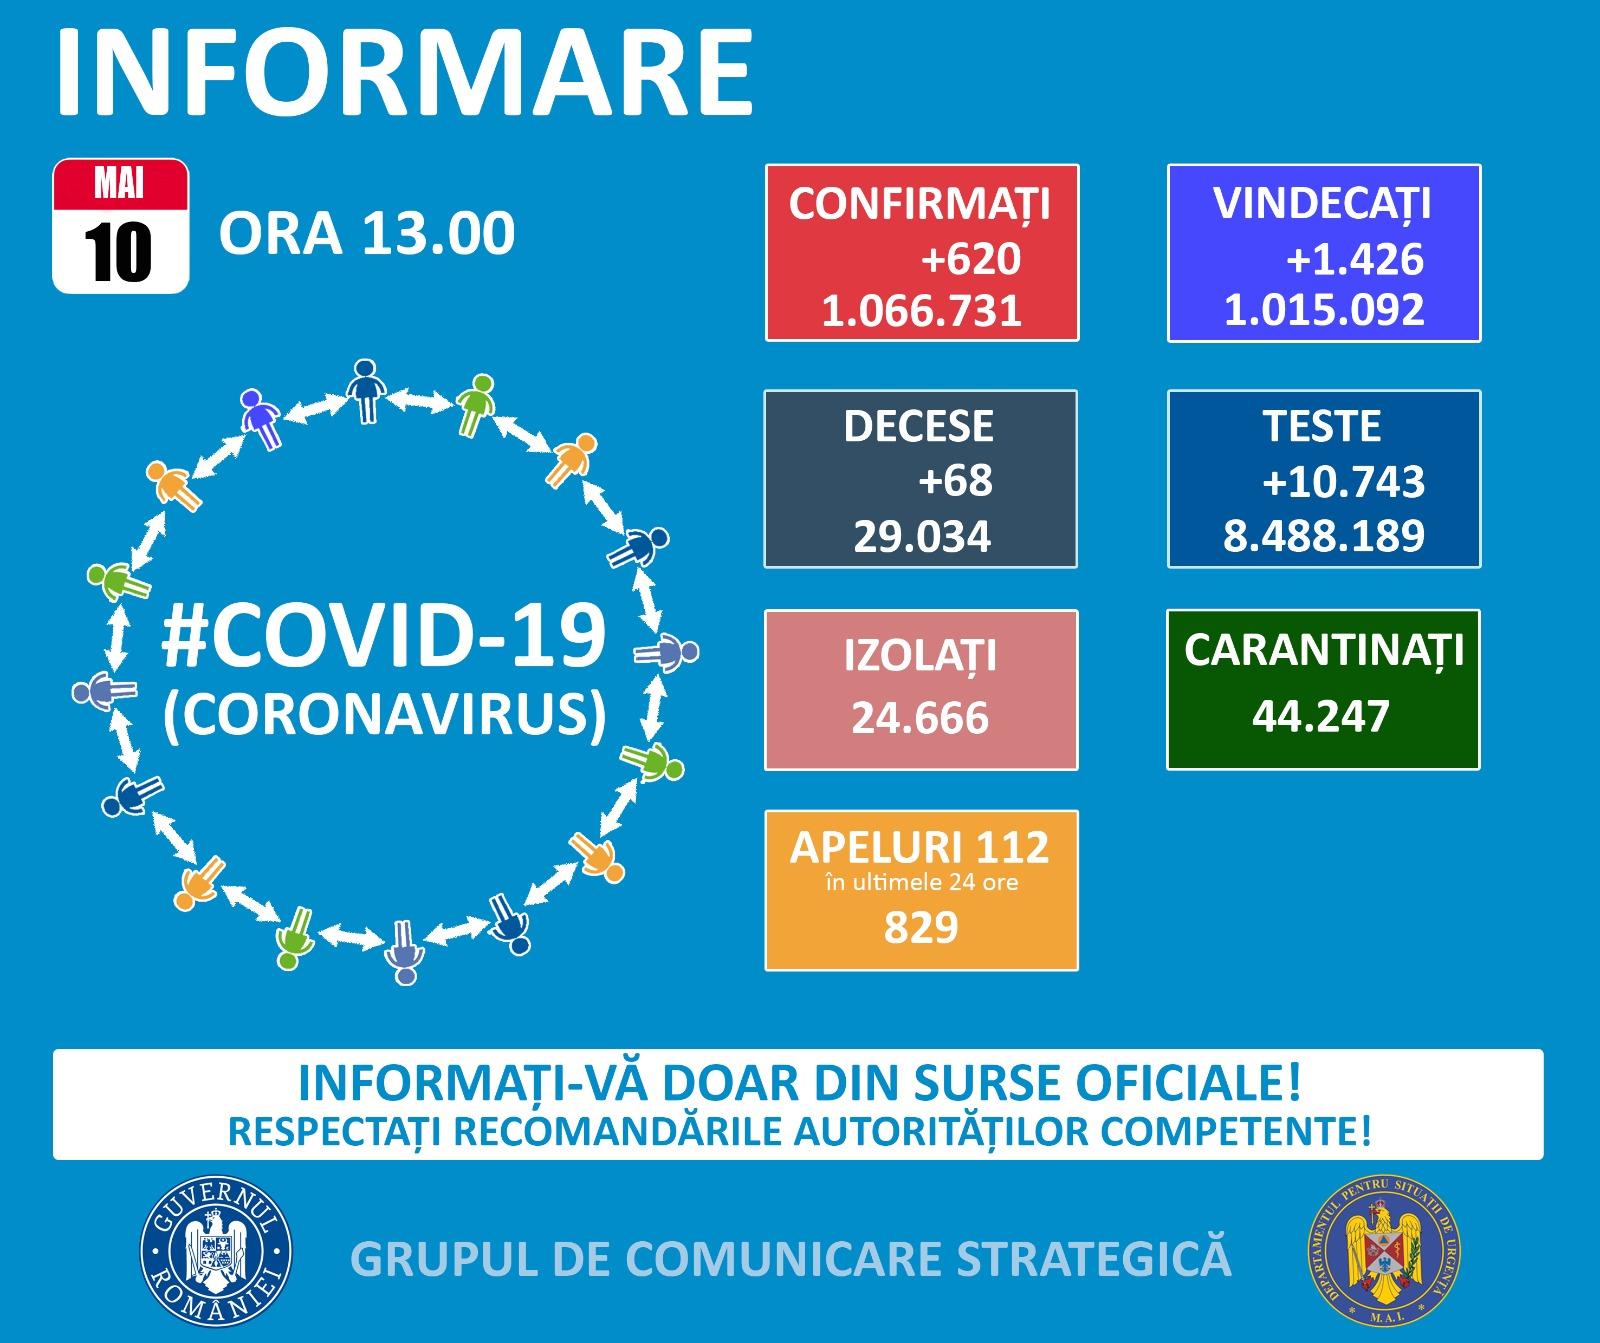 Informare COVID-19, 10 mai 2021